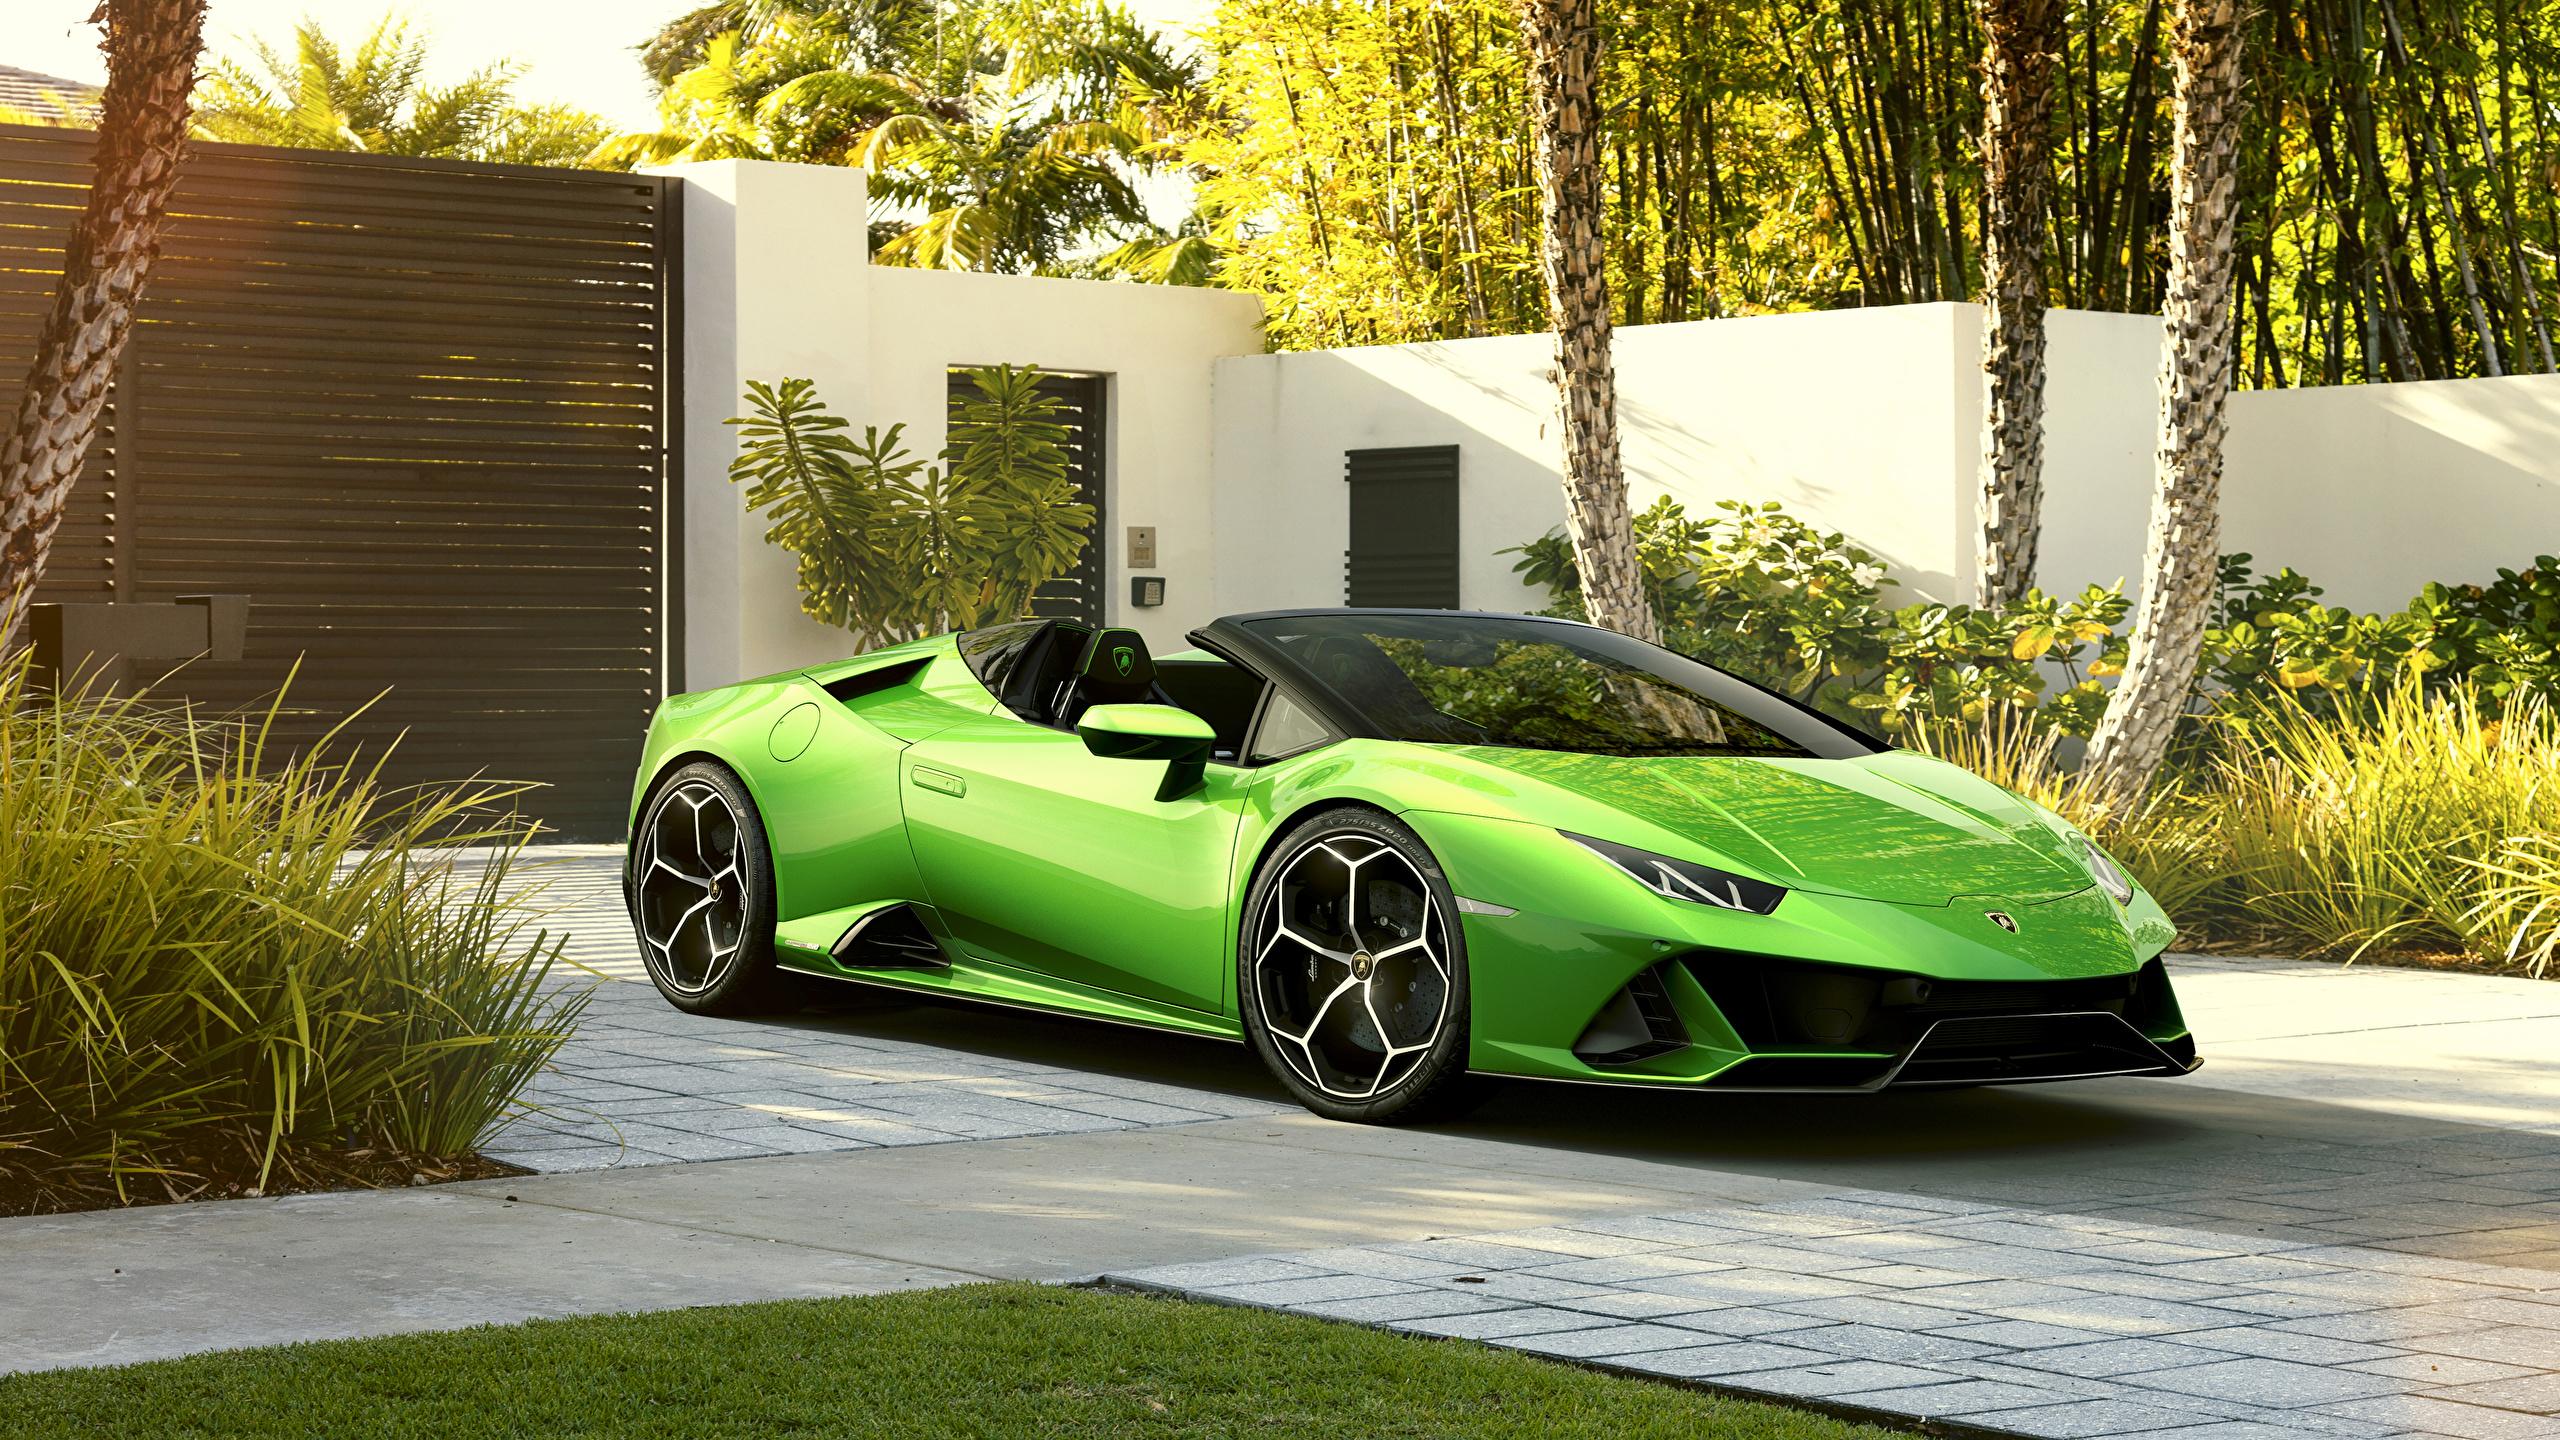 Фотографии Lamborghini 2019 Huracan EVO Spyder Родстер салатовая Металлик Автомобили 2560x1440 Ламборгини Салатовый салатовые желто зеленый Авто Машины